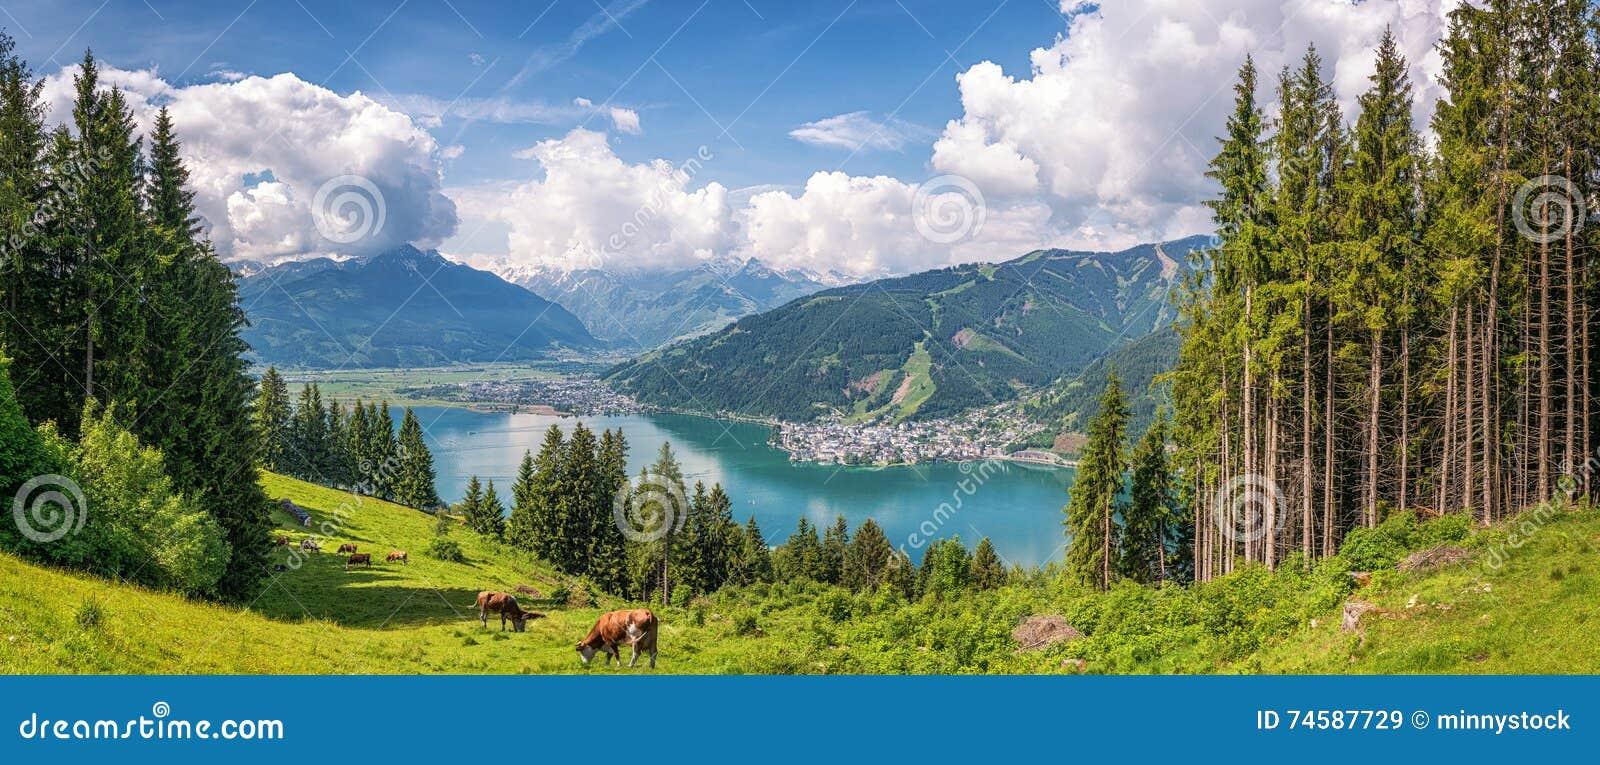 Idyllisch alpien landschap met koeien het weiden en beroemd Zeller-Meer, Salzburg, Oostenrijk